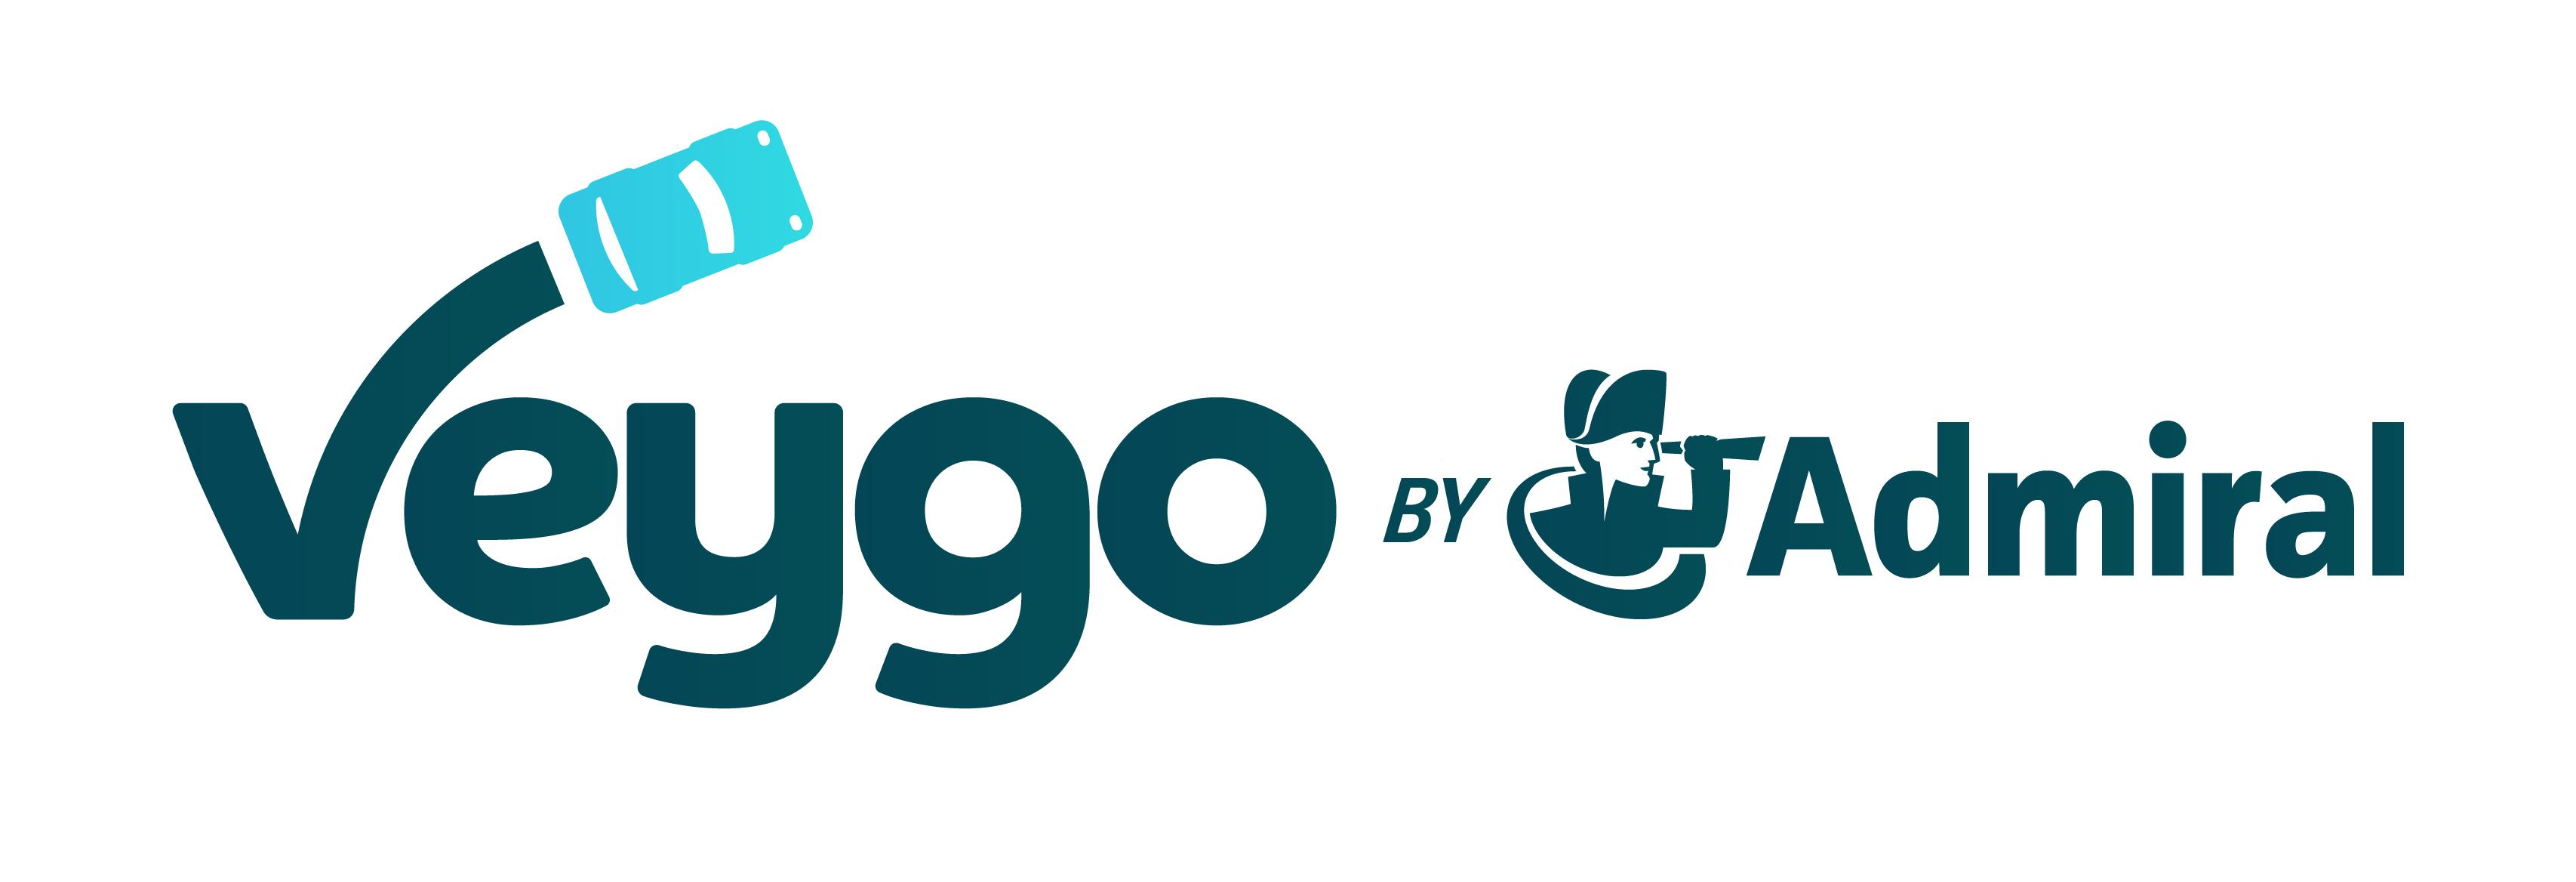 Veygo by Admiral Logo